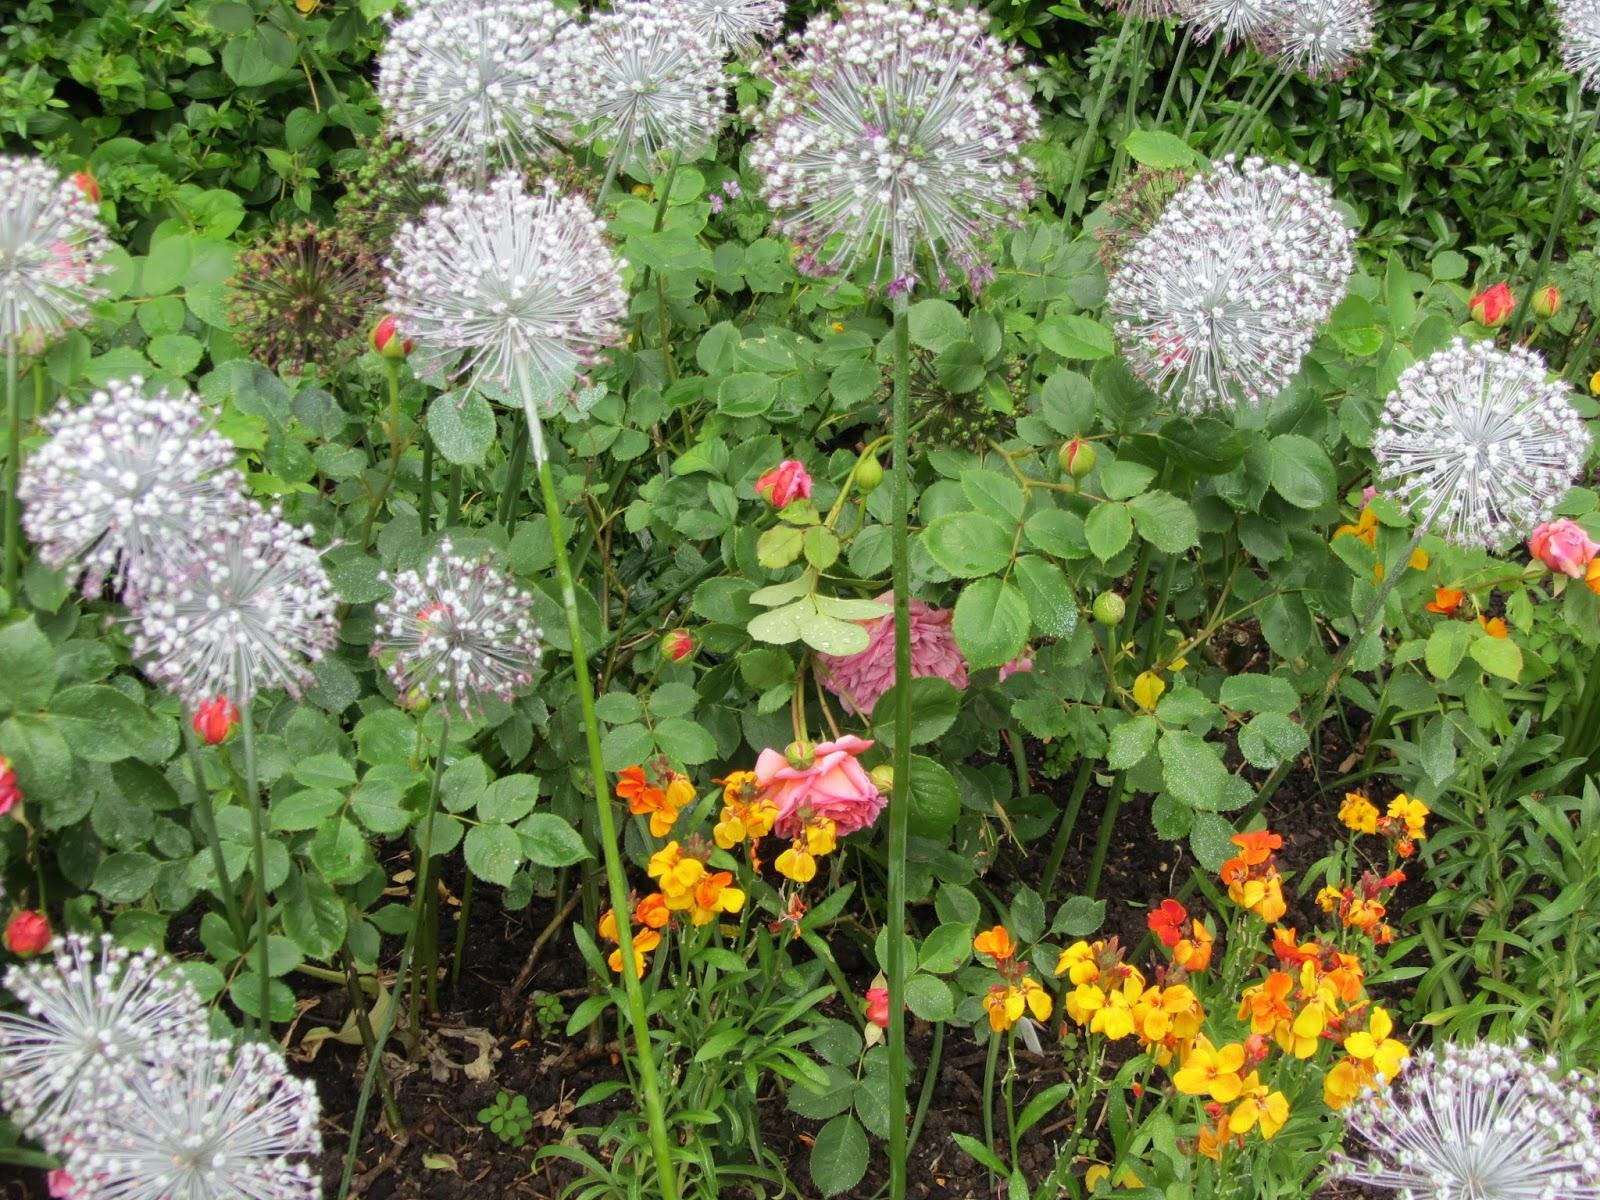 Ham photos rear garden at ormeley lodge - Garden At Ormeley Lodge